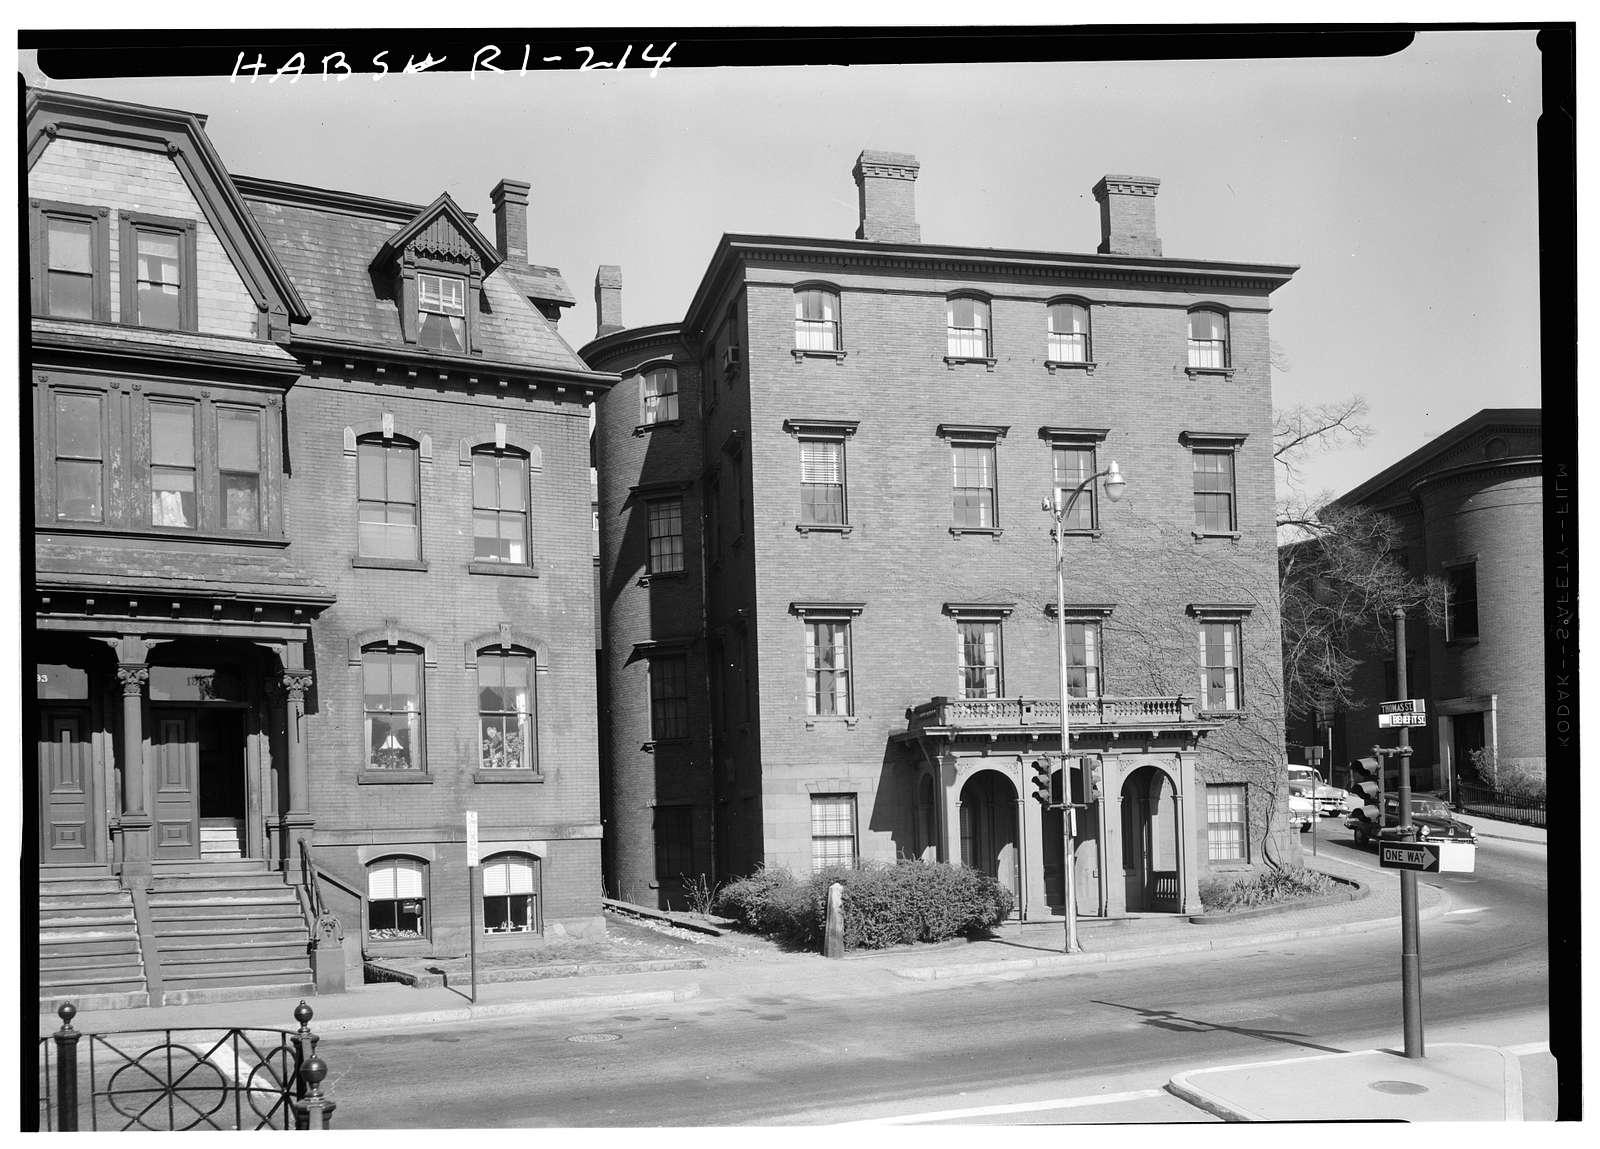 Thomas A. Jenckes House, 2 Angell Street, Providence, Providence County, RI